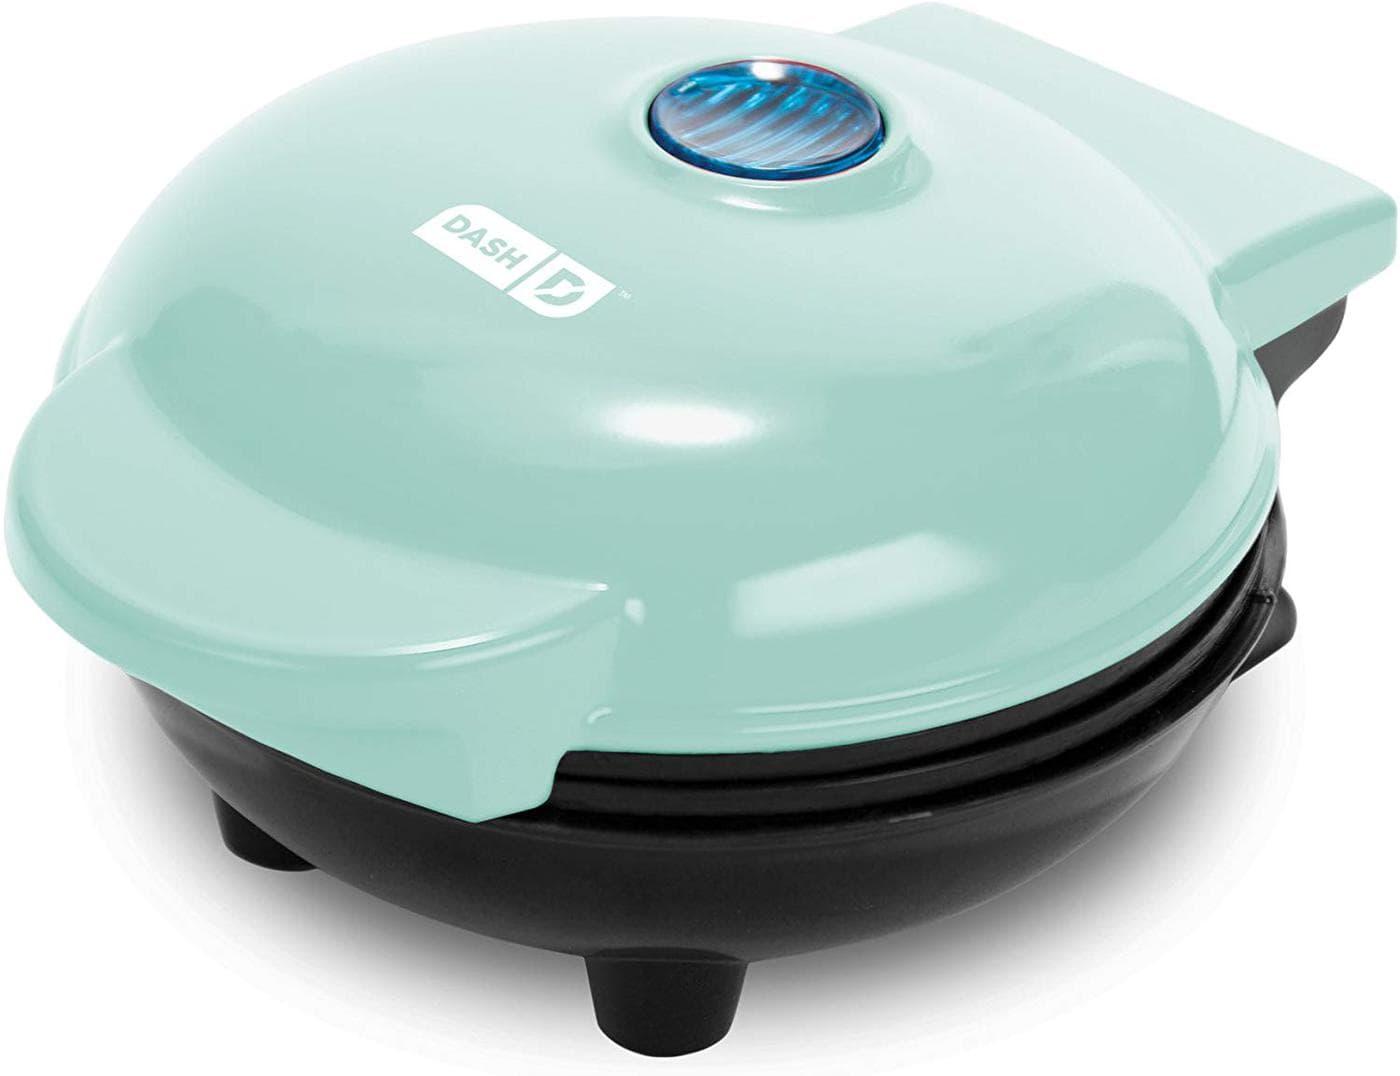 photo of mini grill in mint green